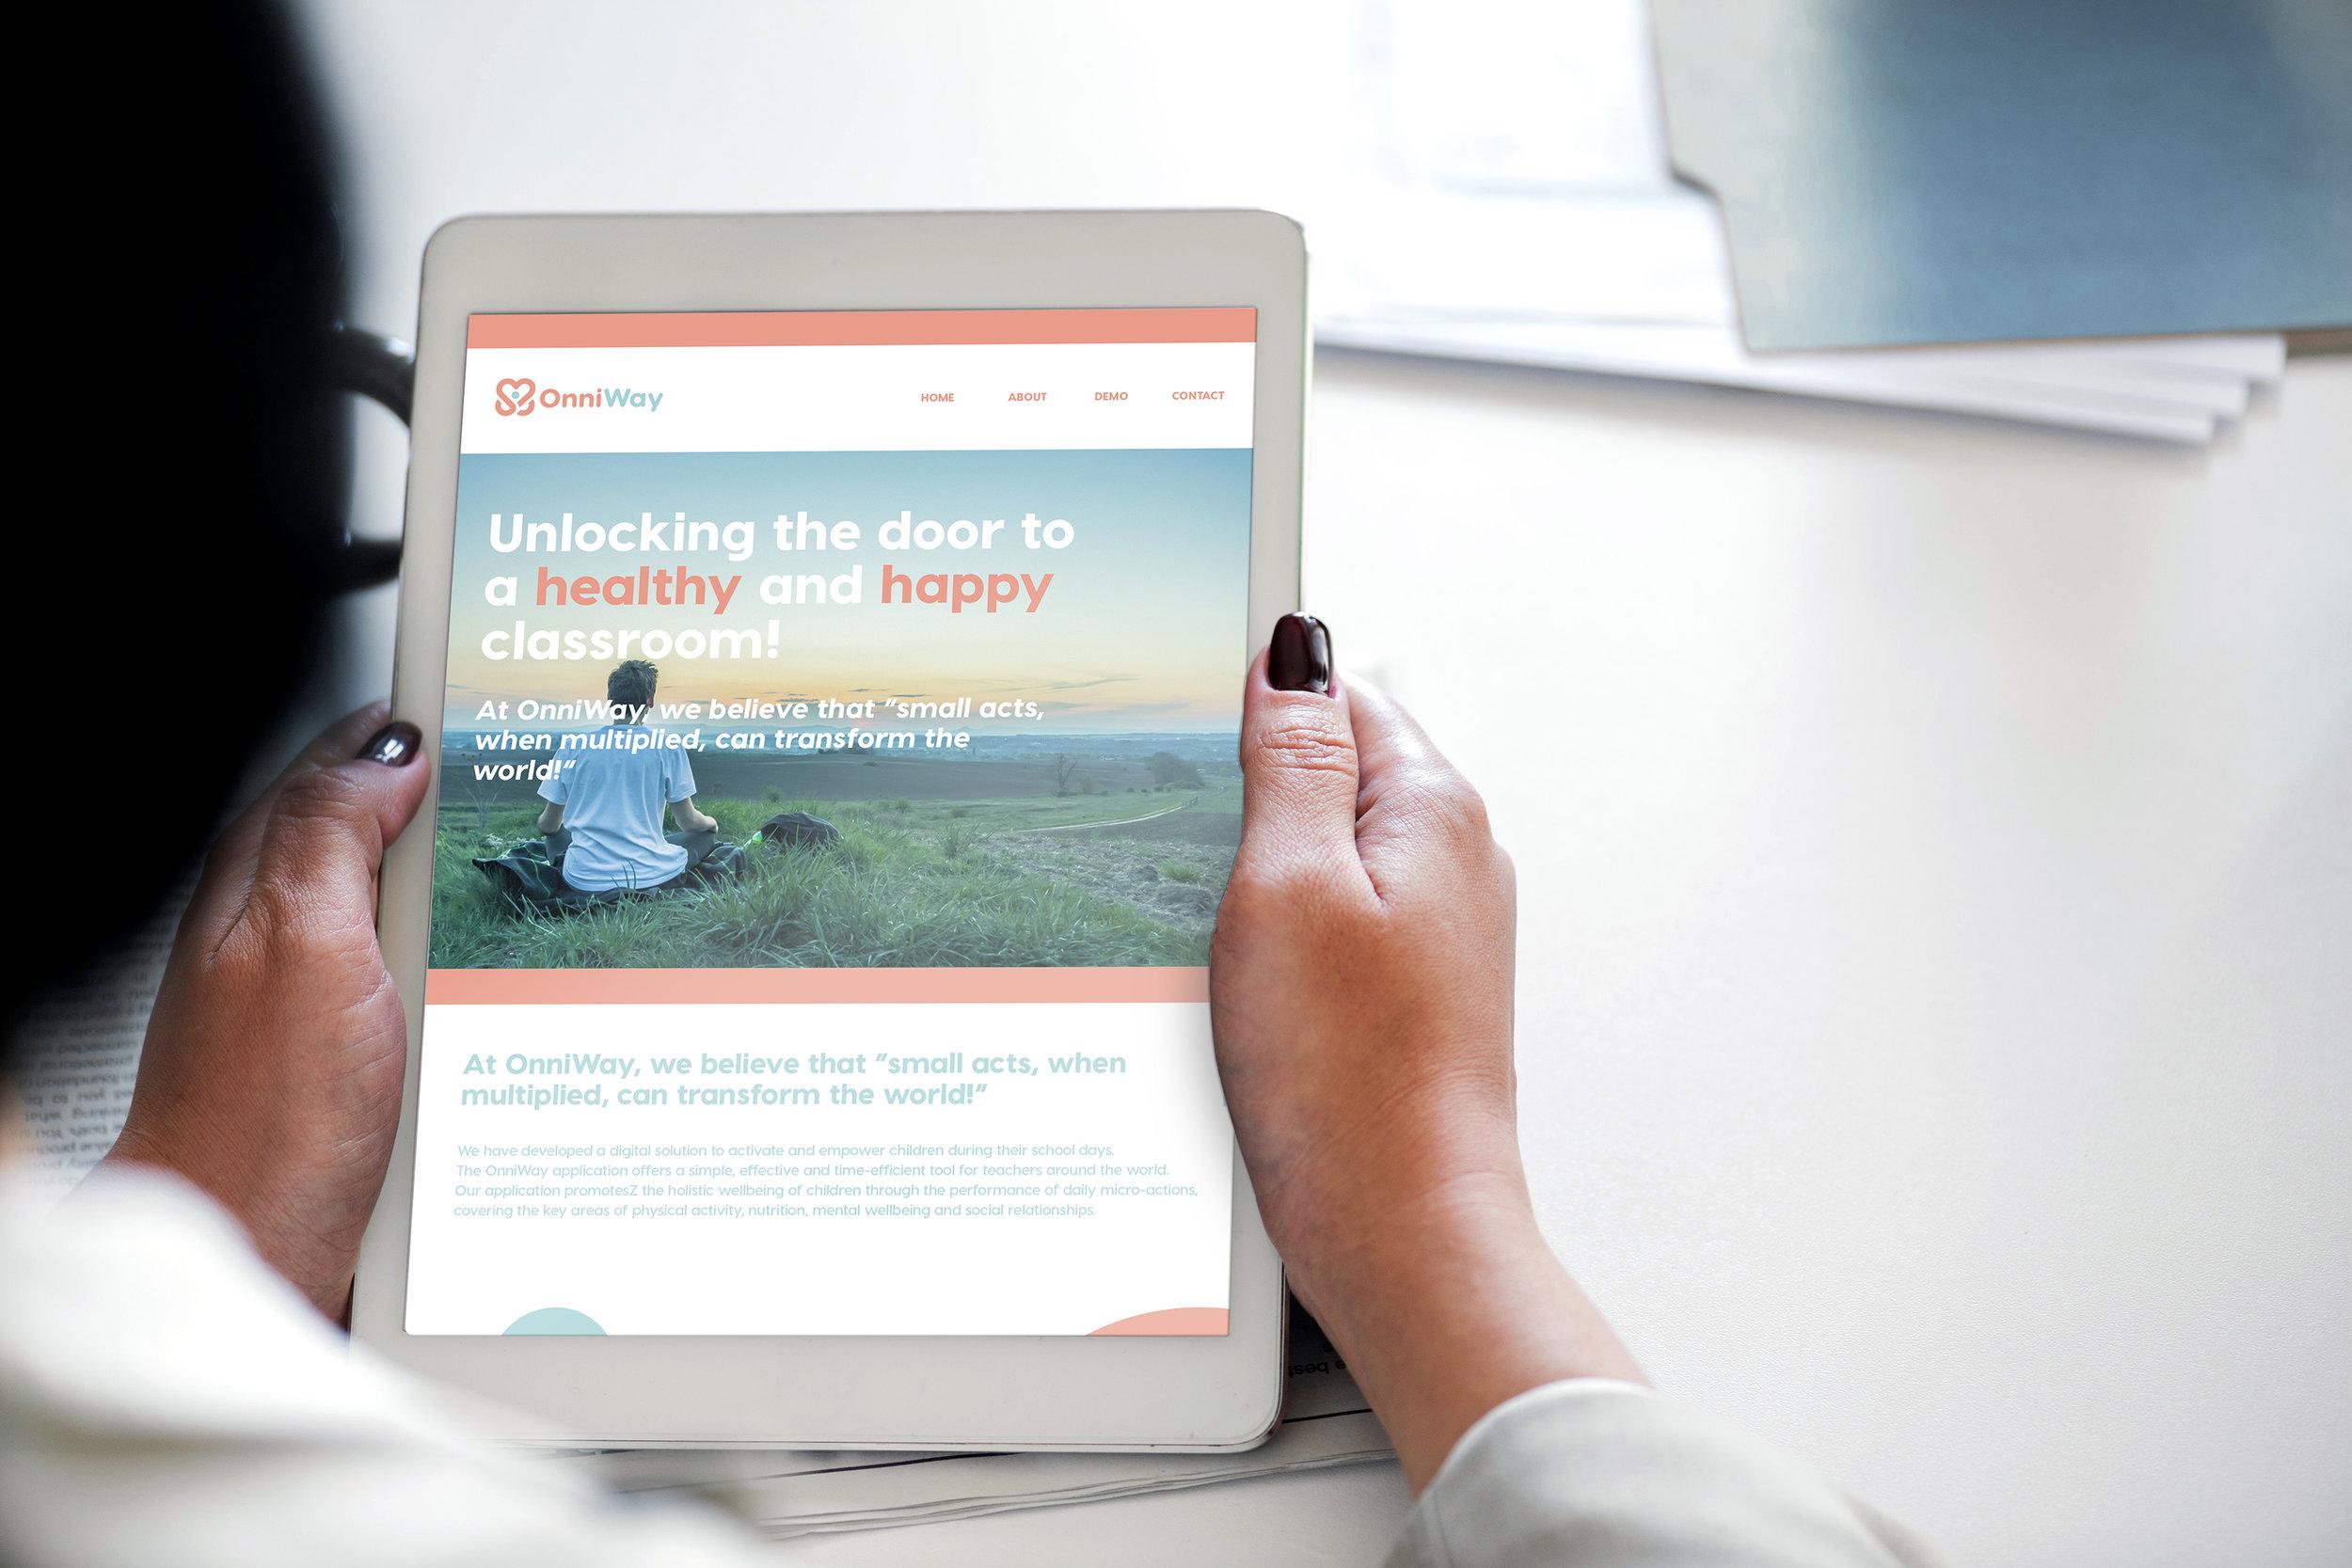 Onniway website on ipad